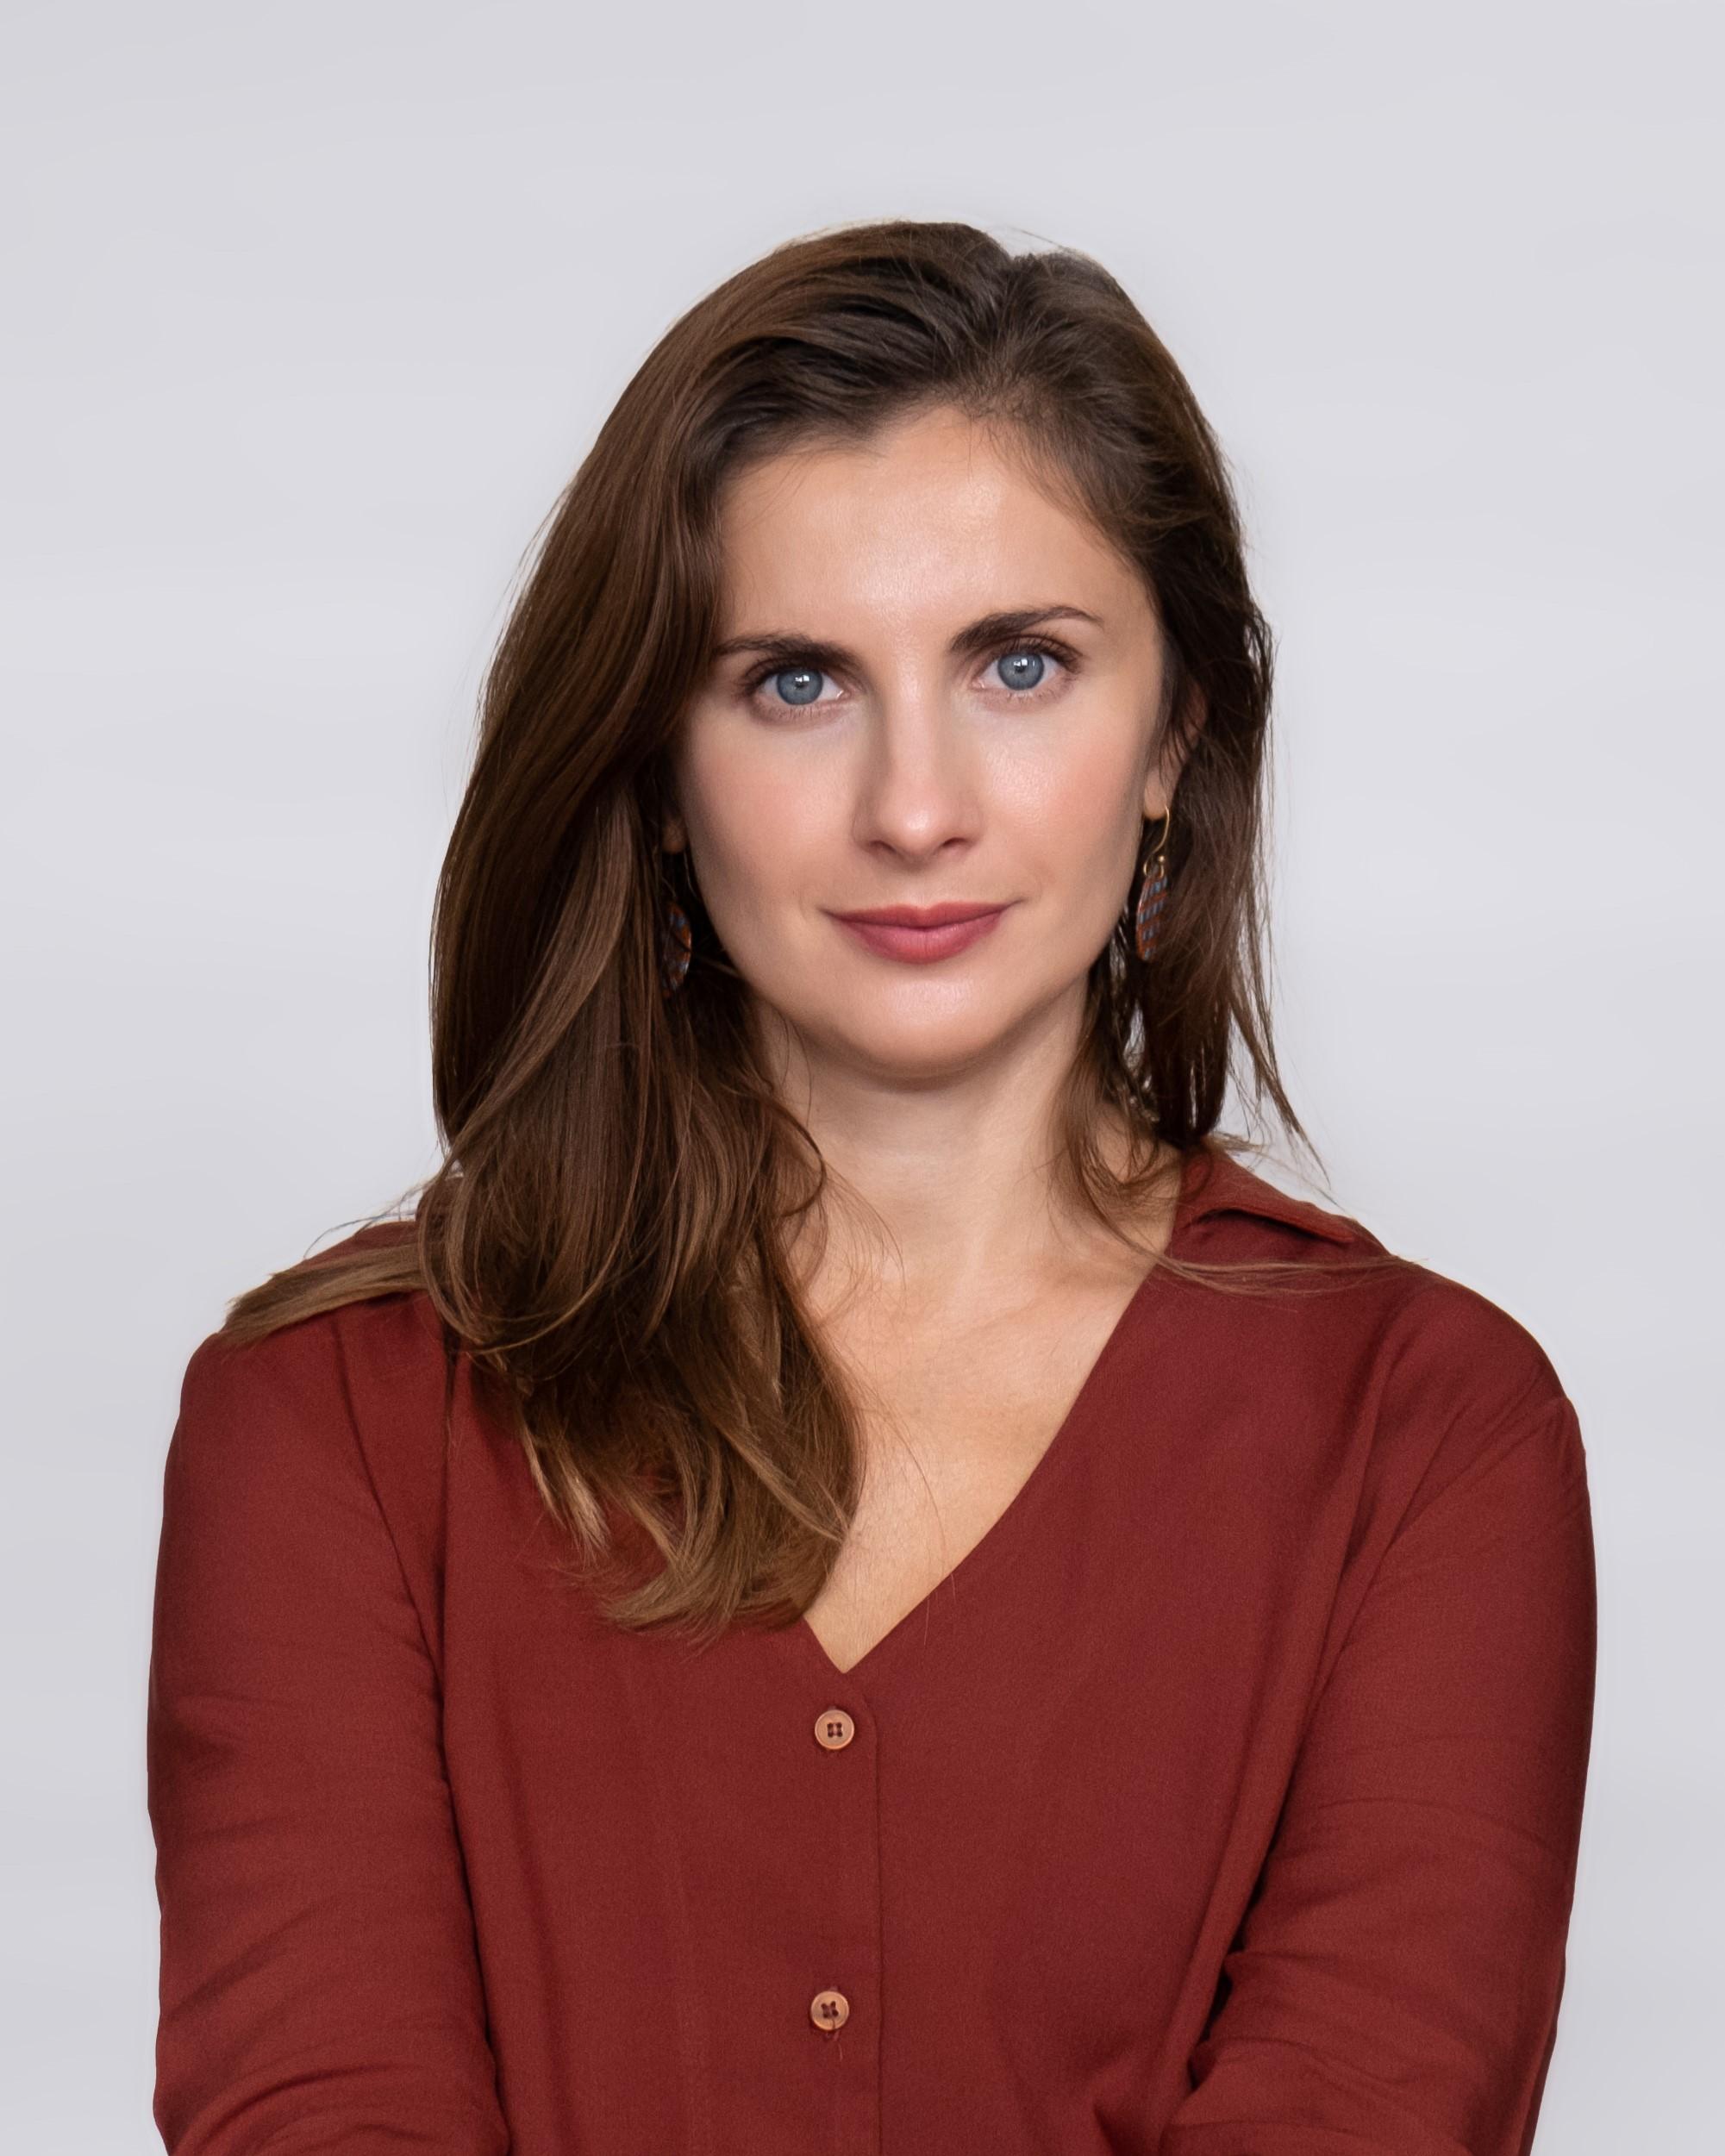 Natasha Vdovkina